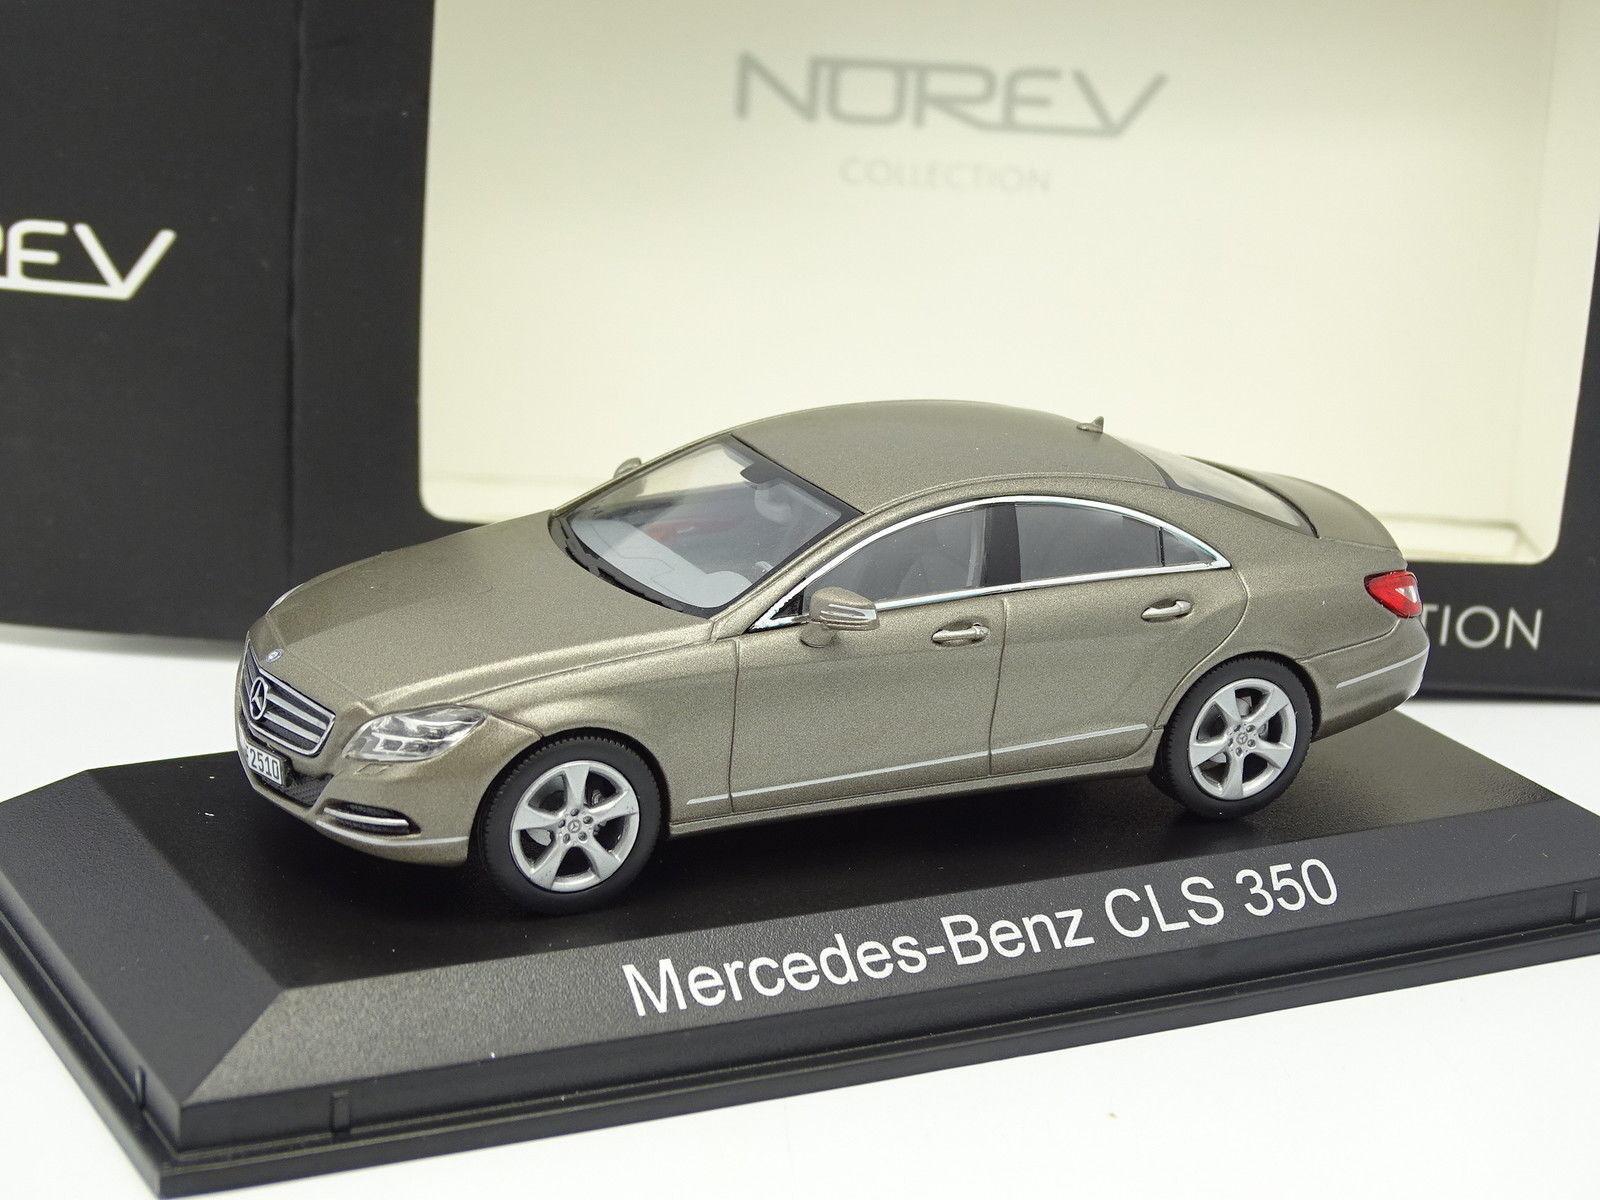 Norev 1 43 - Mercedes CLS 350